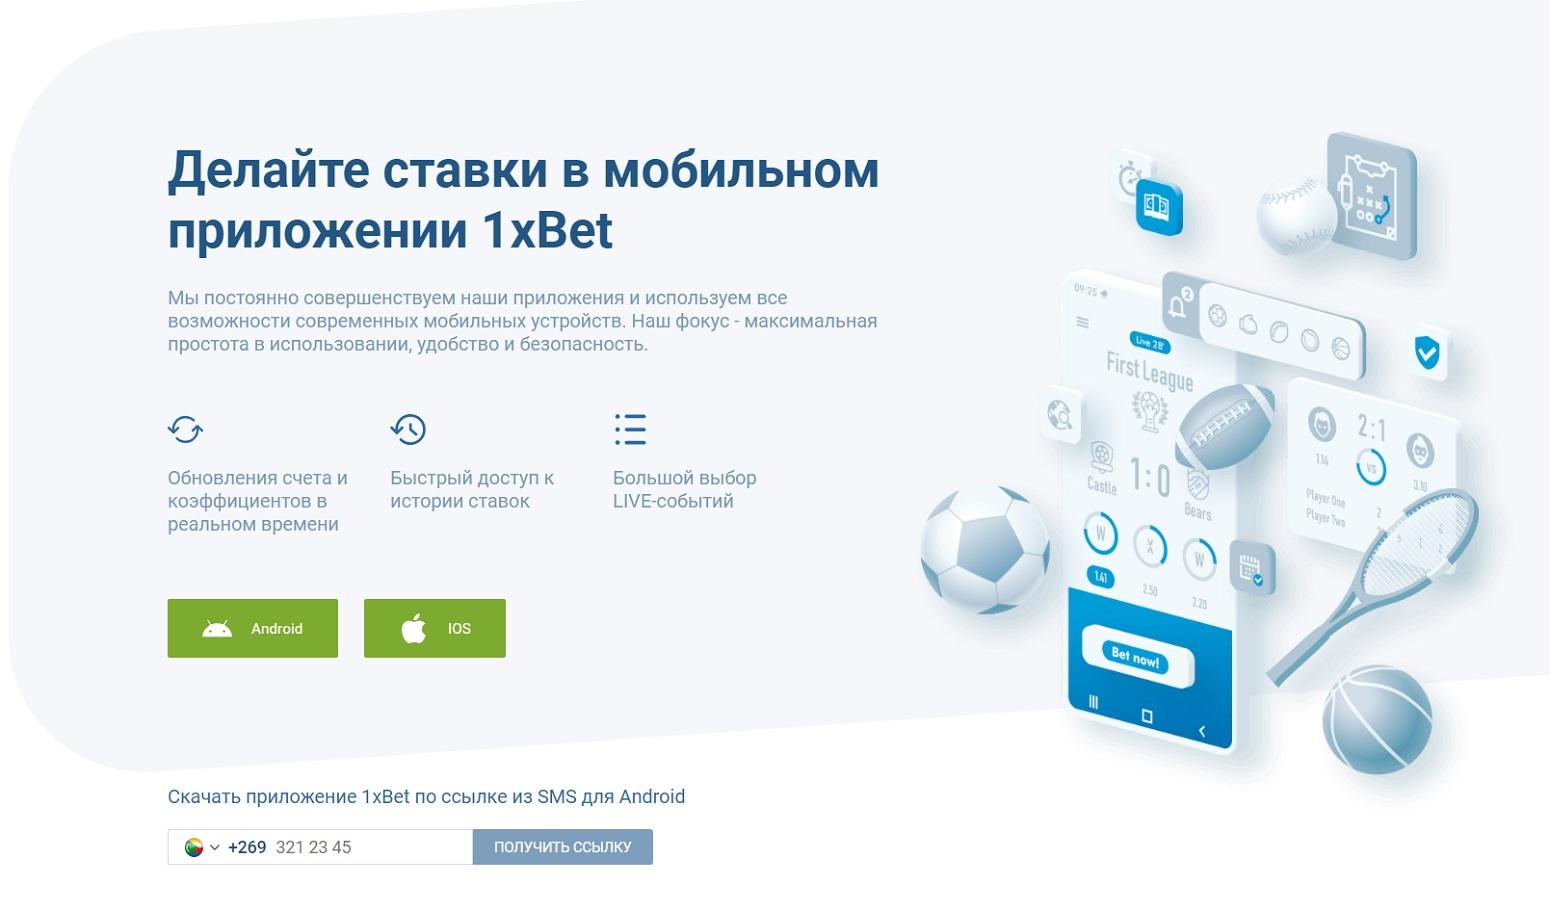 Мобильный софт в БК 1хбет